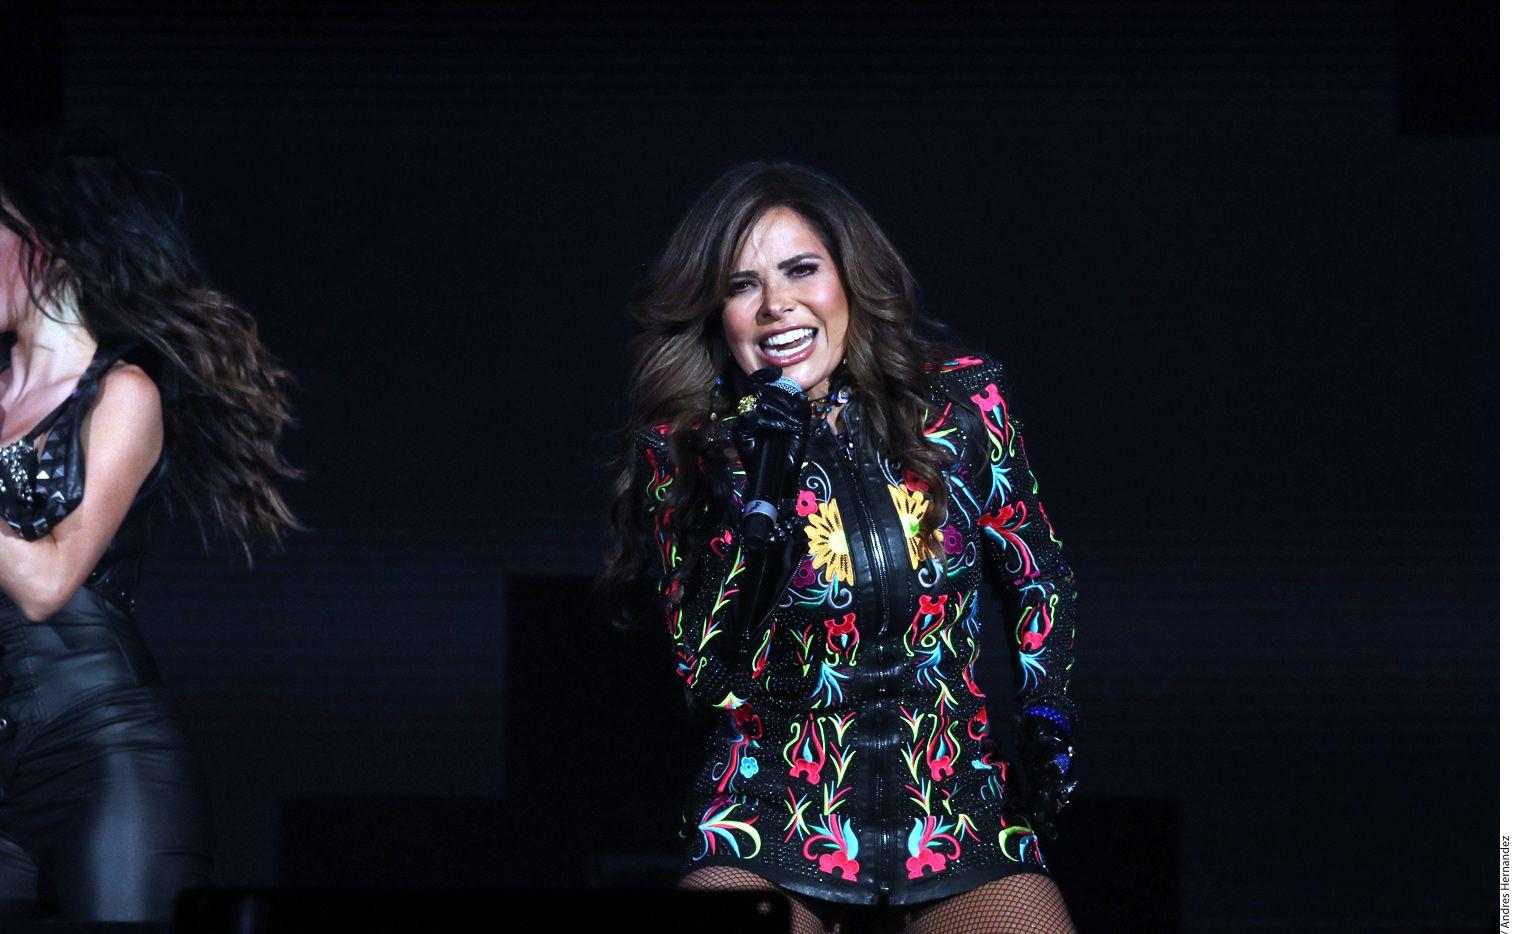 """""""Como siempre he sido un libro abierto musicalmente, le dije: 'quiero escribir una balada'. No es casualidad que Joss tenga esa sensibilidad dentro de la música regional mexicana"""", argumentó la cantante Gloria Trevi./ AGENCIA REFORMA"""